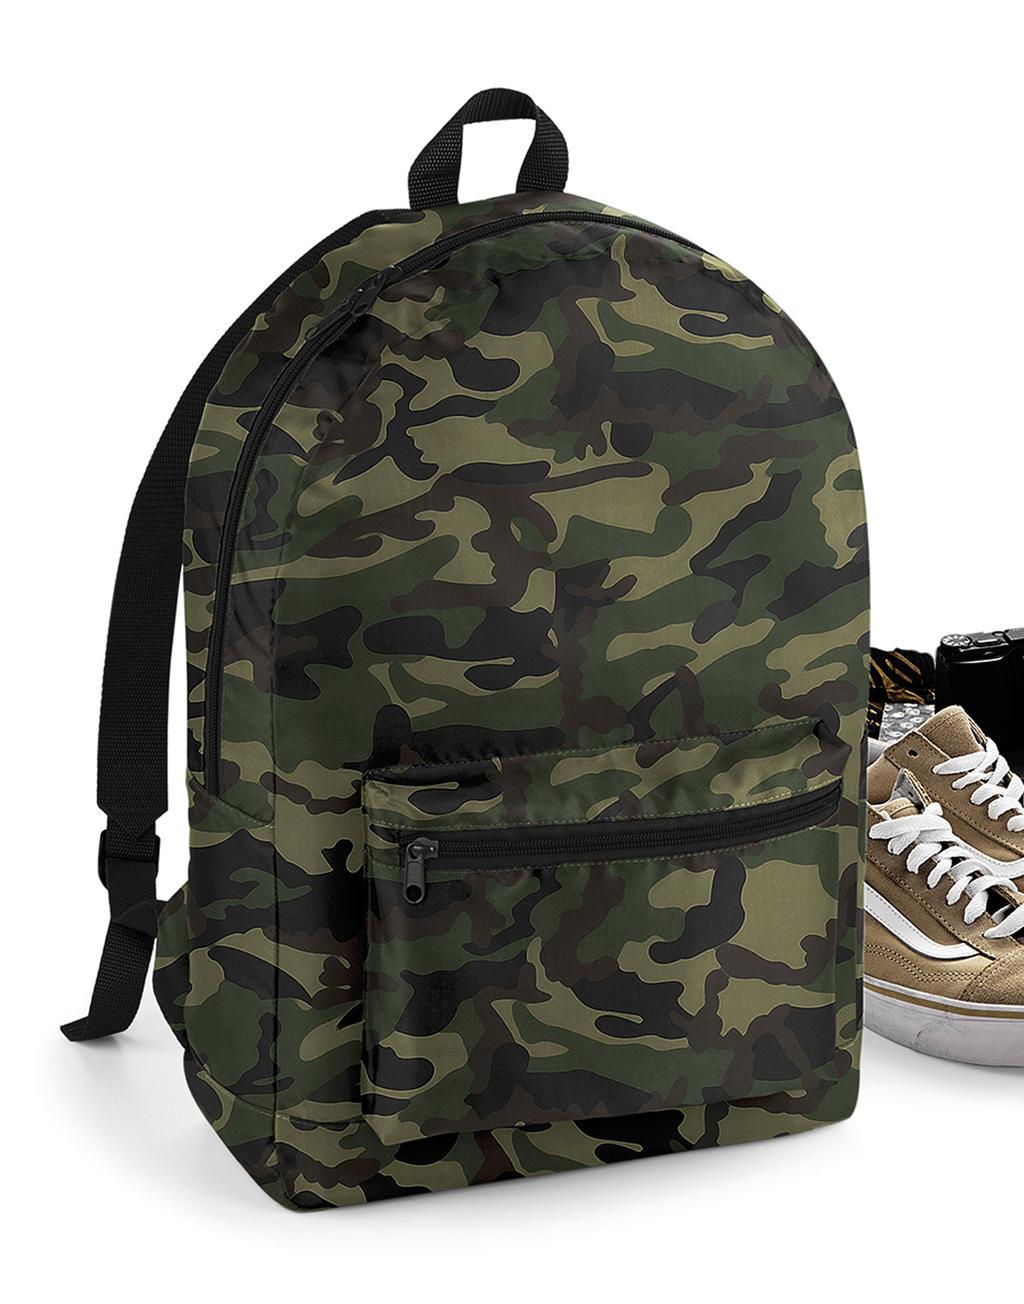 Plecak Packaway